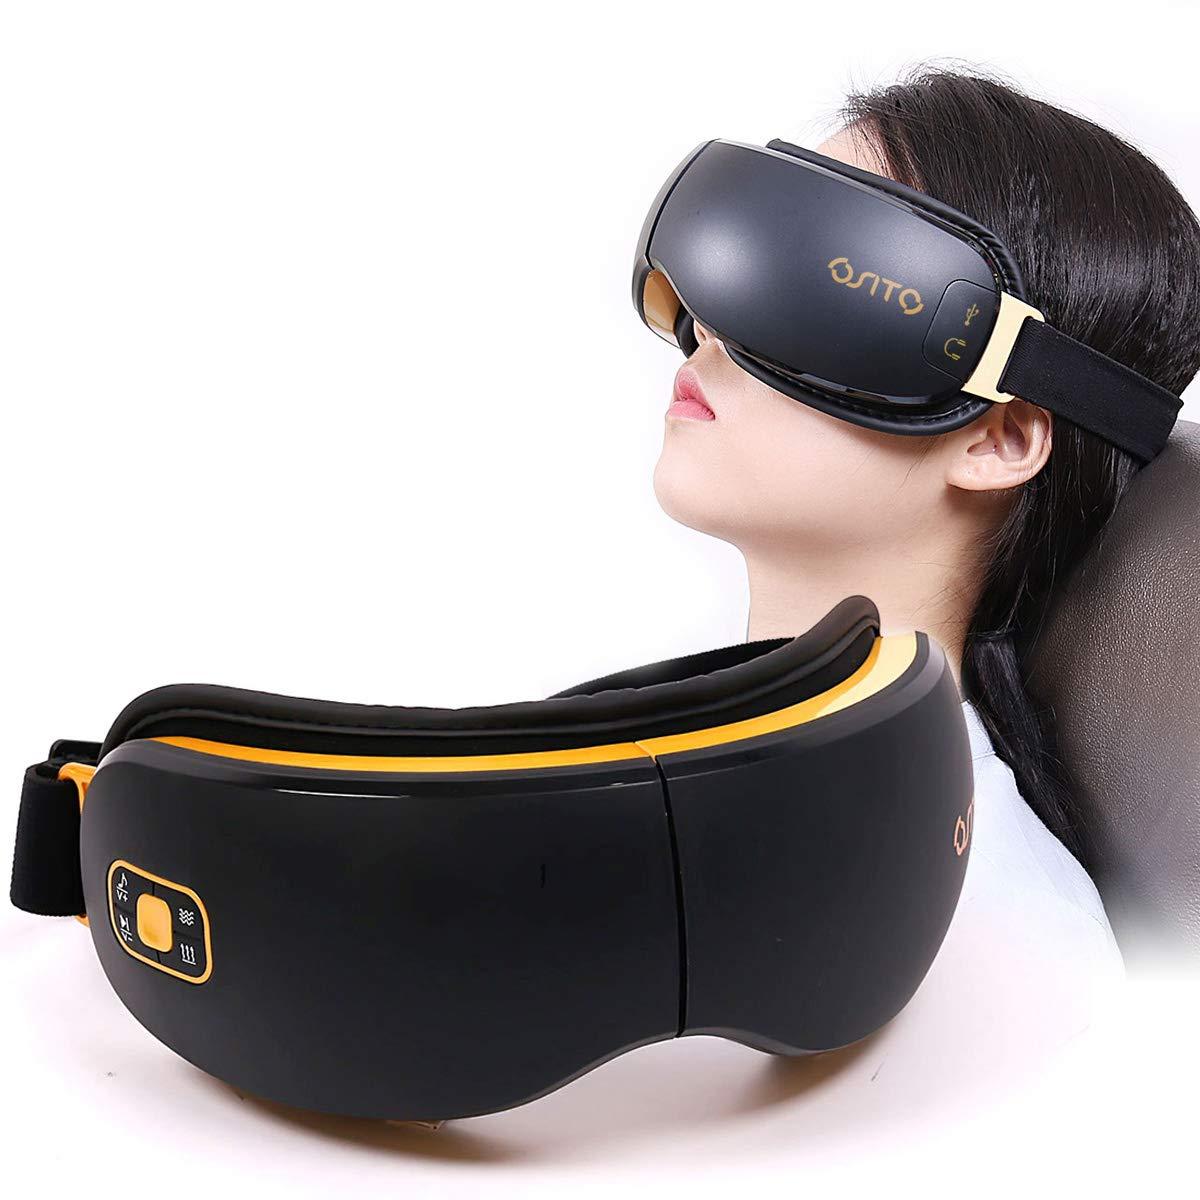 OSITO Massaggiatore elettrico per occhi con modalità Heat / Rap / Music / Air Four per ridurre i cerchi scuri e migliorare il sonno